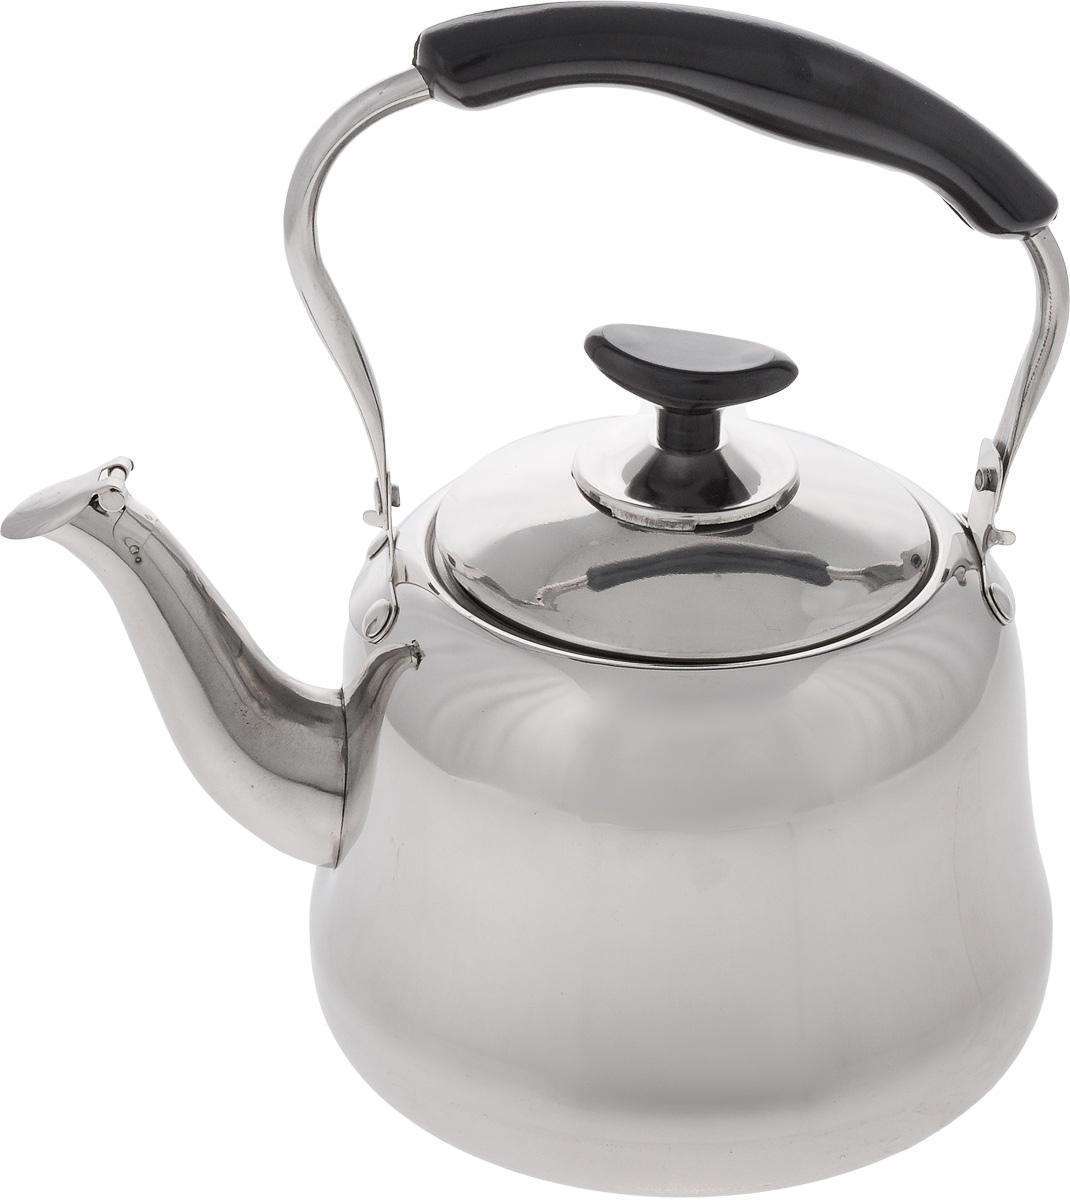 Чайник Mayer & Boch, со свистком, 2 л. 23505115510Чайник Mayer & Boch изготовлен из высококачественной нержавеющей стали. Гигиеничен и устойчив к износу при длительном использовании. Гладкая и ровная поверхность существенно облегчает уход за посудой. Благодаря высококачественным материалам, при кипячении чайник сохраняет все полезные свойства воды. Носик чайника оснащен свистком, звуковой сигнал которого подскажет, когда закипит вода. Это освободит вас от непрерывного наблюдения за чайником. Эргономичная ручка выполнена из бакелита. Чайник со свистком Mayer & Boch подходит для использования на газовых, электрических и стеклокерамических плитах. Также изделие можно мыть в посудомоечной машине. Диаметр чайника (по верхнему краю): 10 см. Высота чайника (без учета крышки и ручки): 11,5 см. Высота чайника (с учетом ручки): 22,5 см.